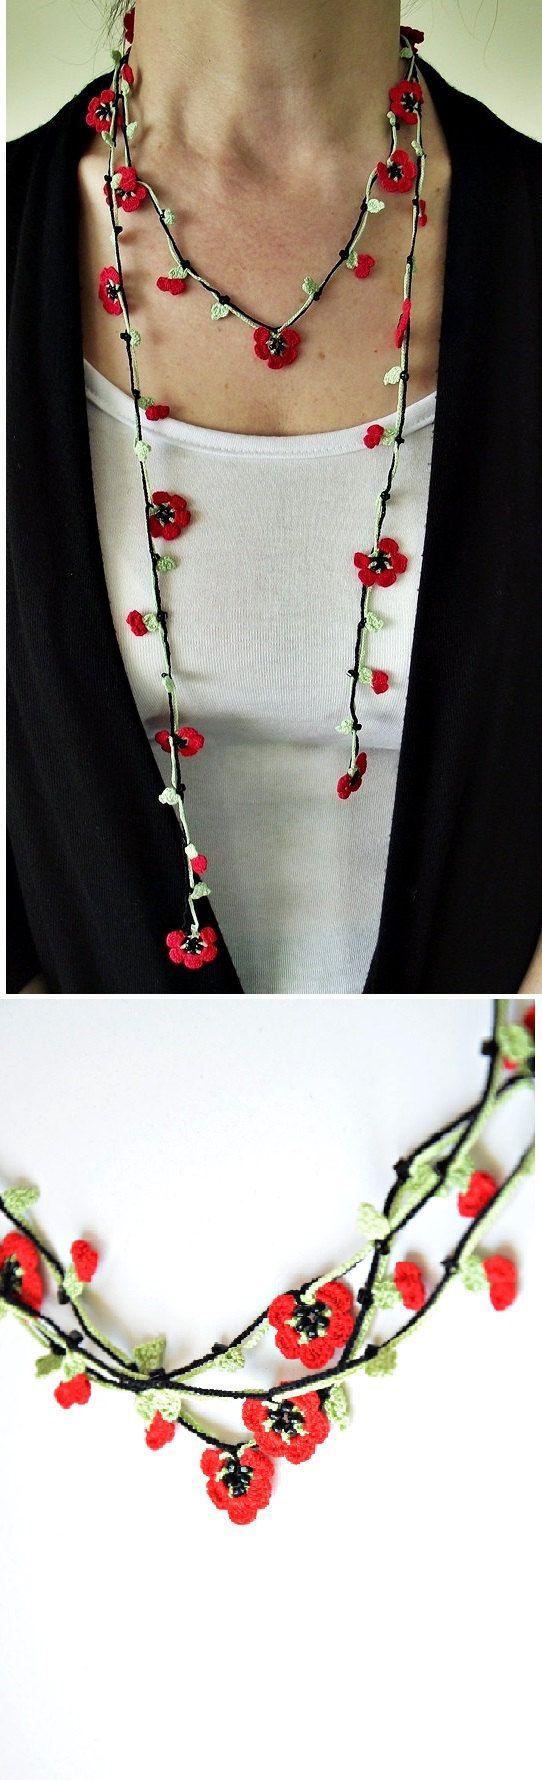 Blume Halskette, Boho Mohn Halskette, rot häkeln Wickeln, Oya Perlen Lariat, türkische Halskette, häkeln Schmuck, Gartengeschenk, Frauen Geschenk